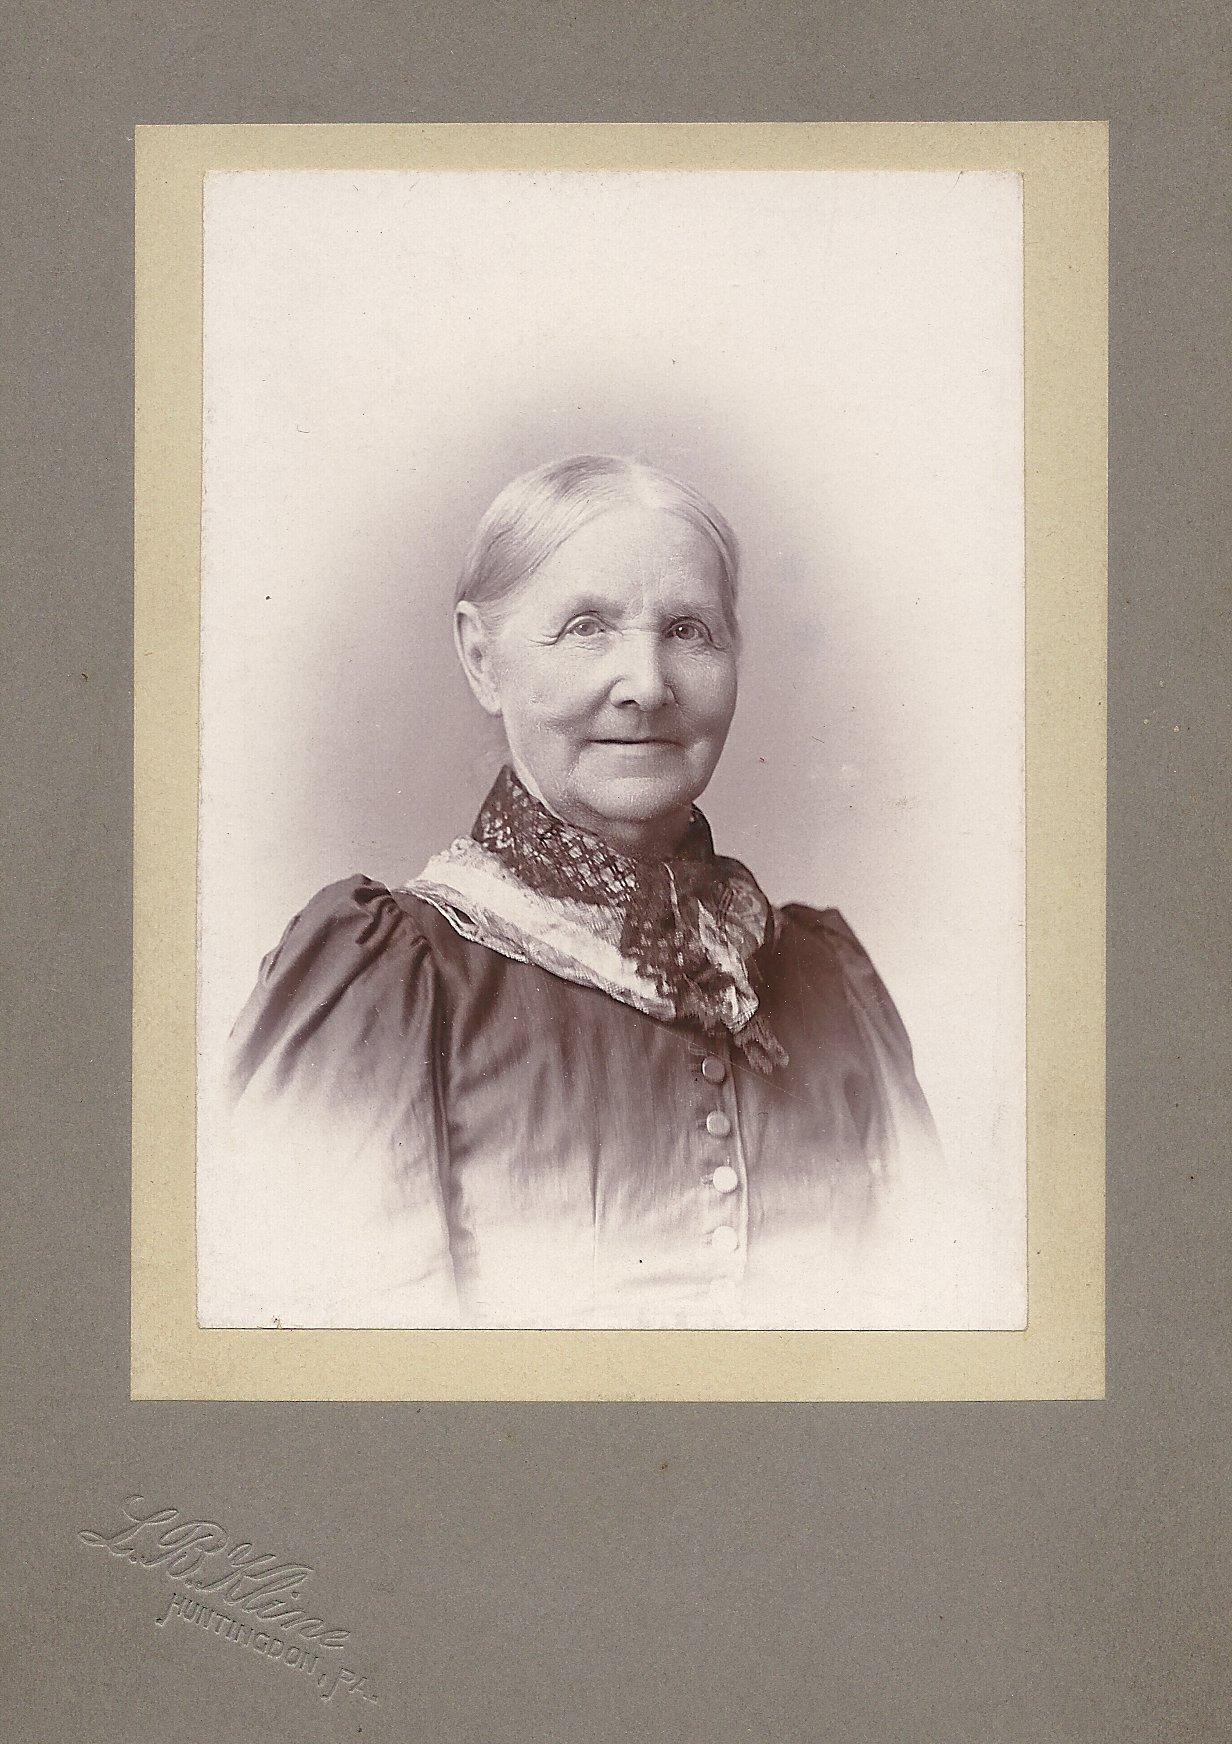 Mary (Beiland) Ealy